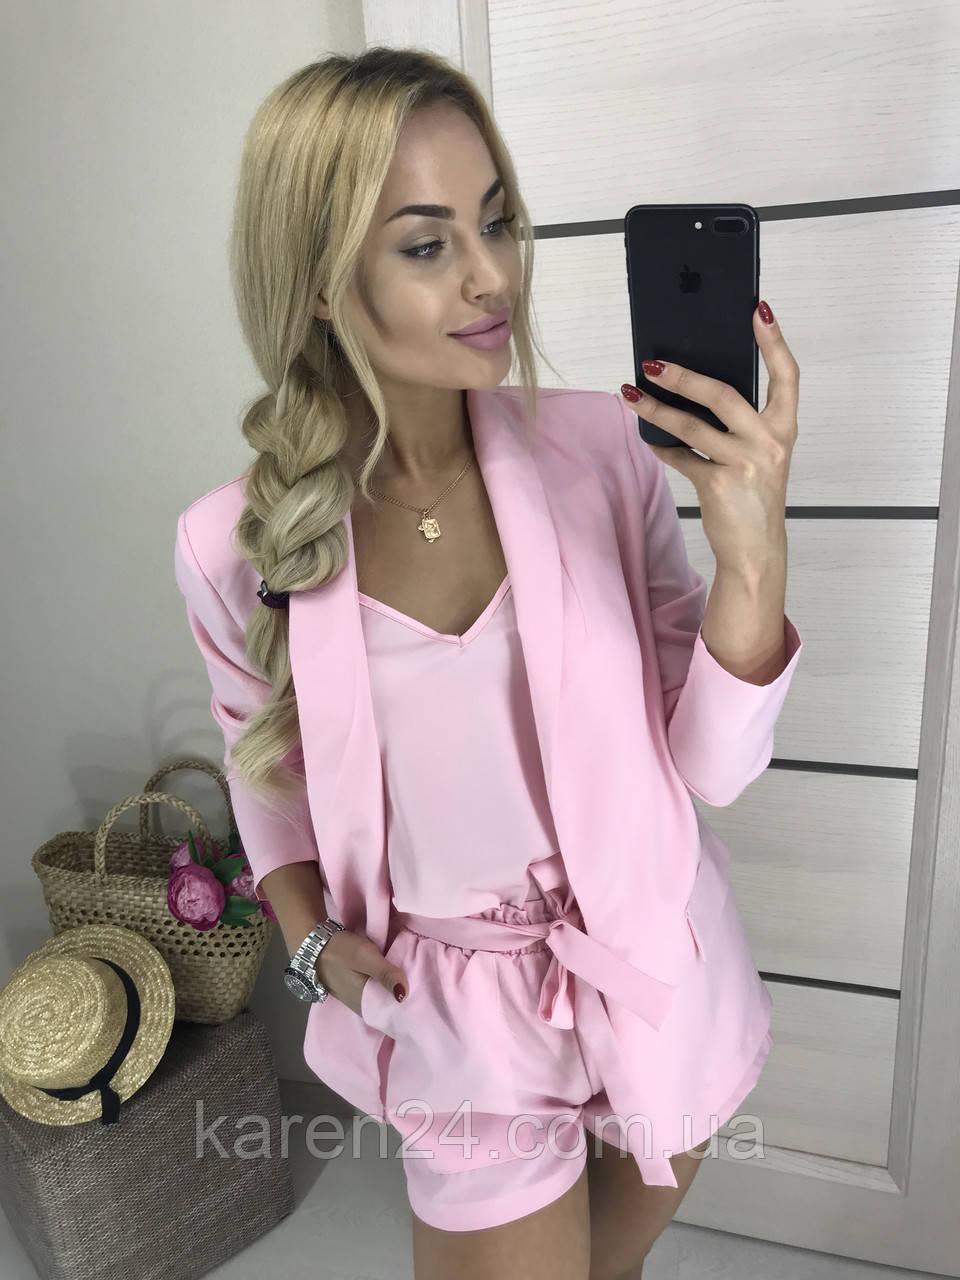 5d4413111d4cf Женский летний костюм тройка с шортами, розовый! - Интернет-магазин